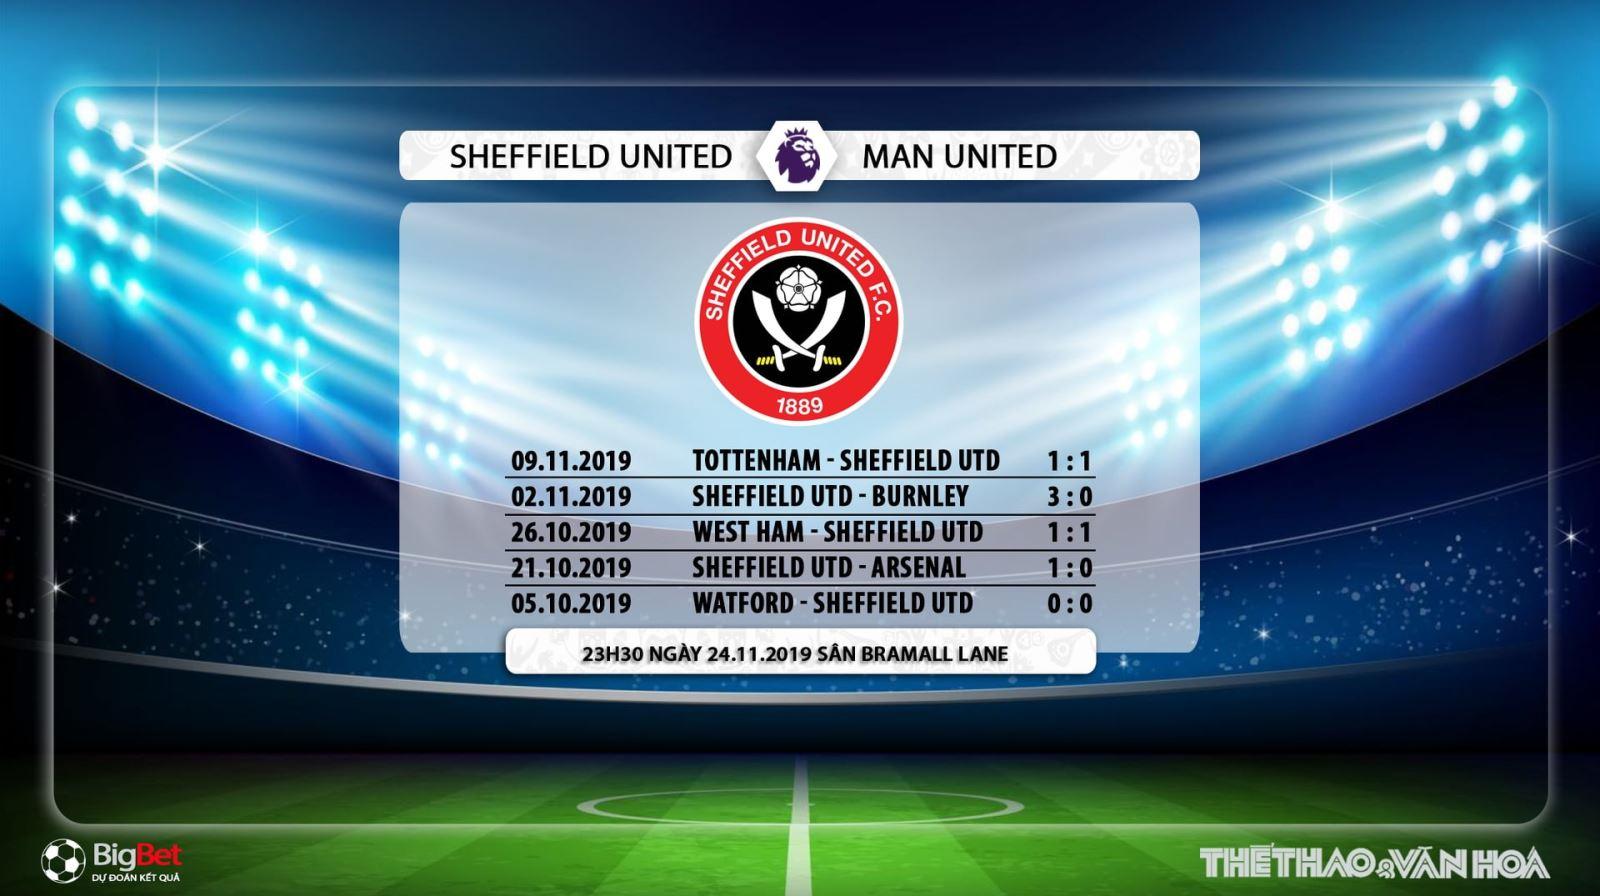 Sheffield Utd vs MU, trực tiếp bóng đá, bóng đá, bong da, soi kèo Sheffield Utd vs MU, mu, sheffield, dự đoán, K+, K+PM, K+PC